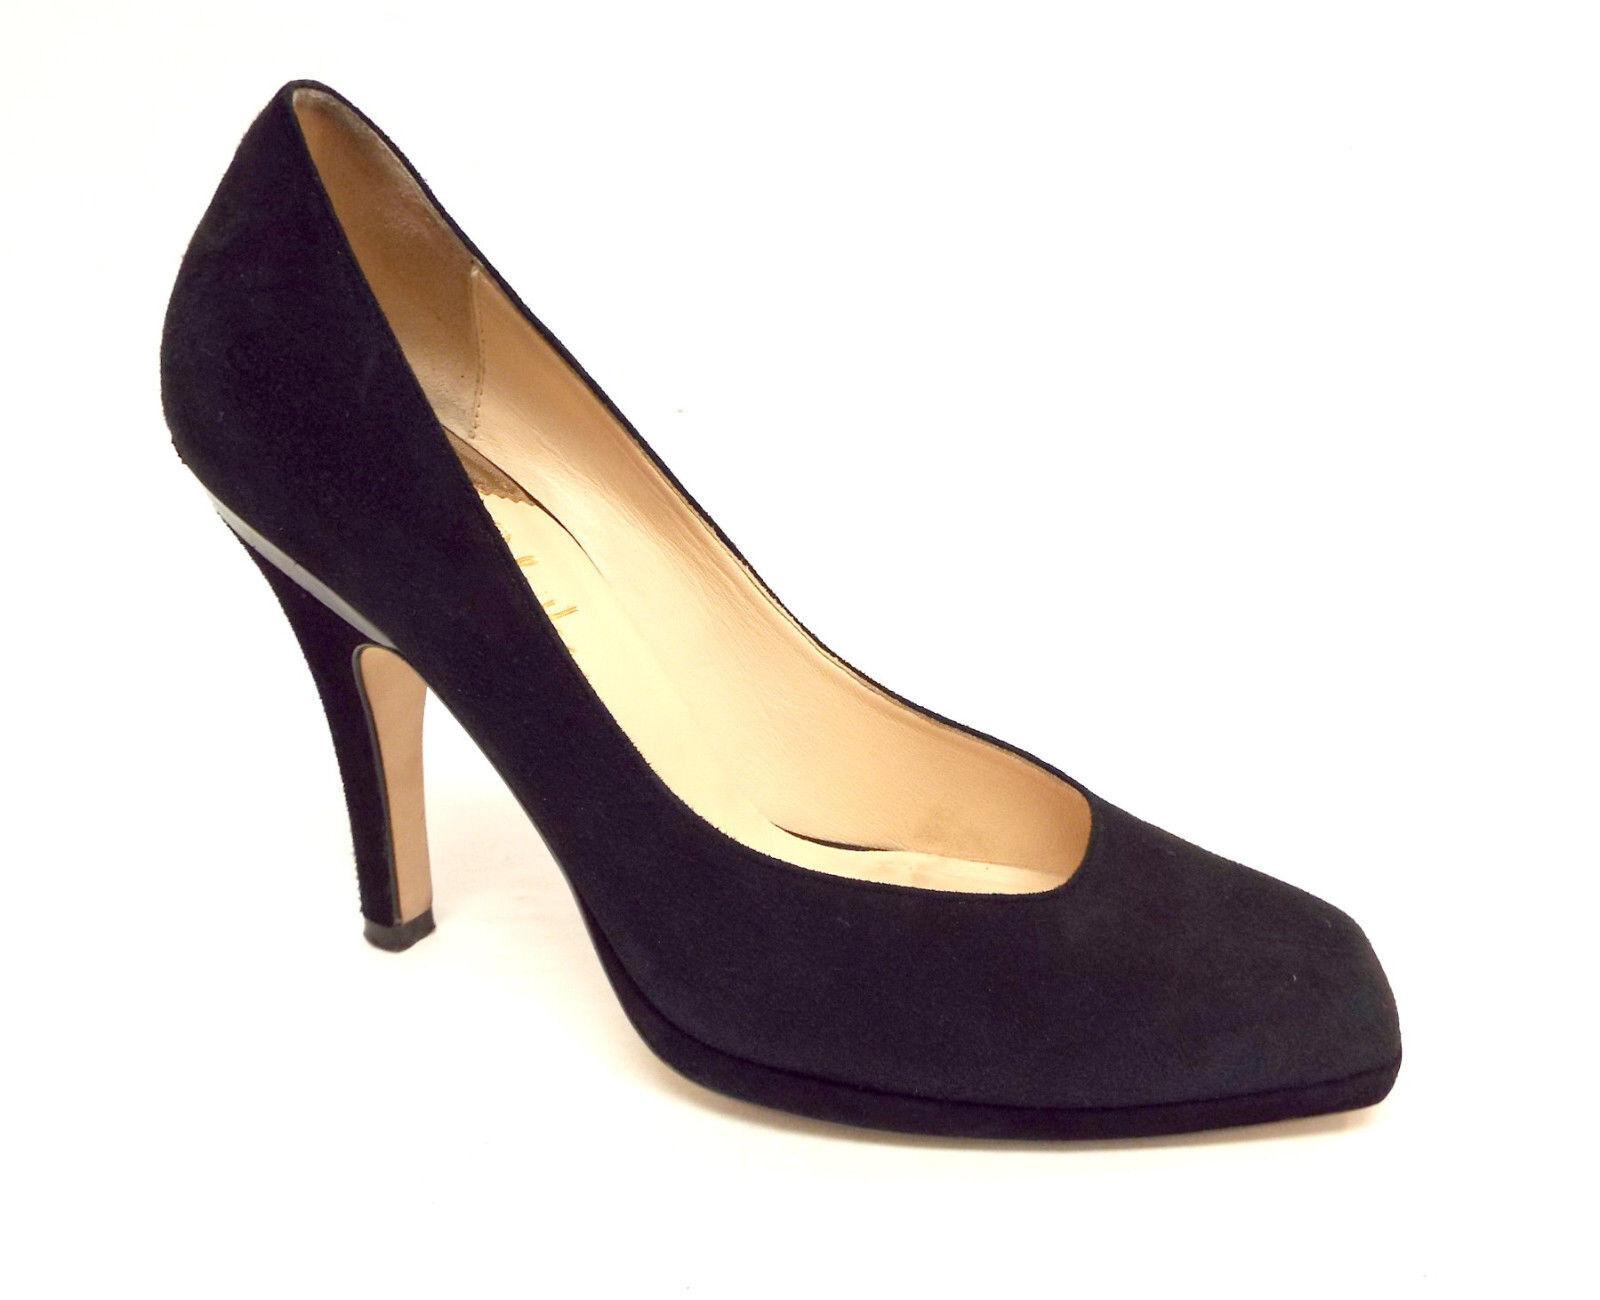 Cole Haan Talla 9 1 1 1 2 Negro Gamuza  Envío  N. Tacones Zapatos de salón de aire 9 1 2  autentico en linea